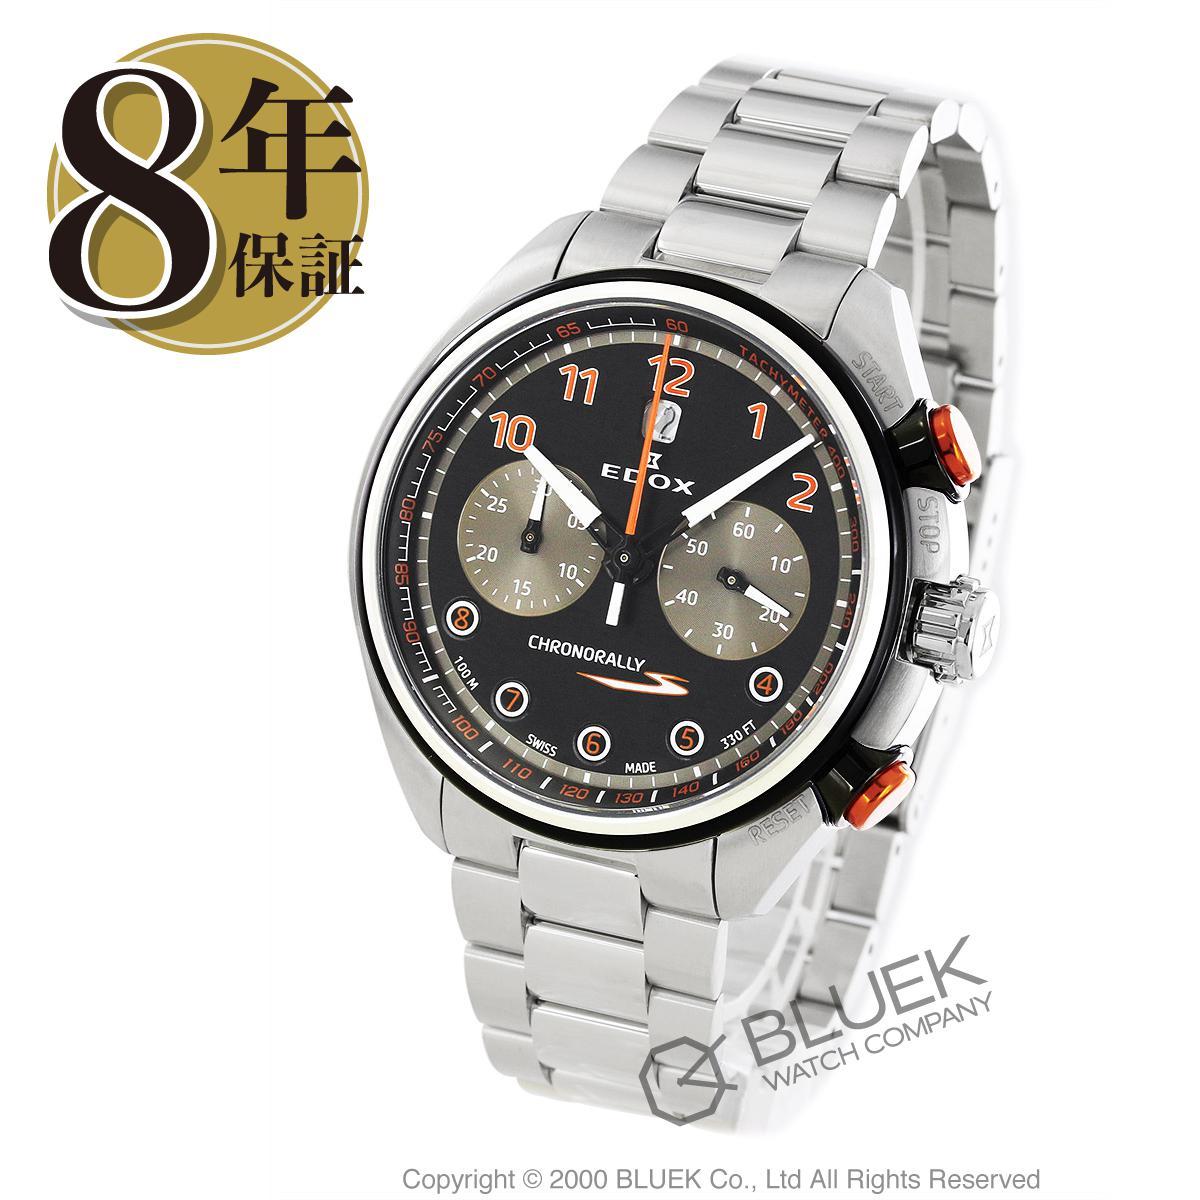 【最大3万円割引クーポン 11/01~】エドックス クロノラリー S クロノグラフ 腕時計 メンズ EDOX 08005-3NOM-NOO_8